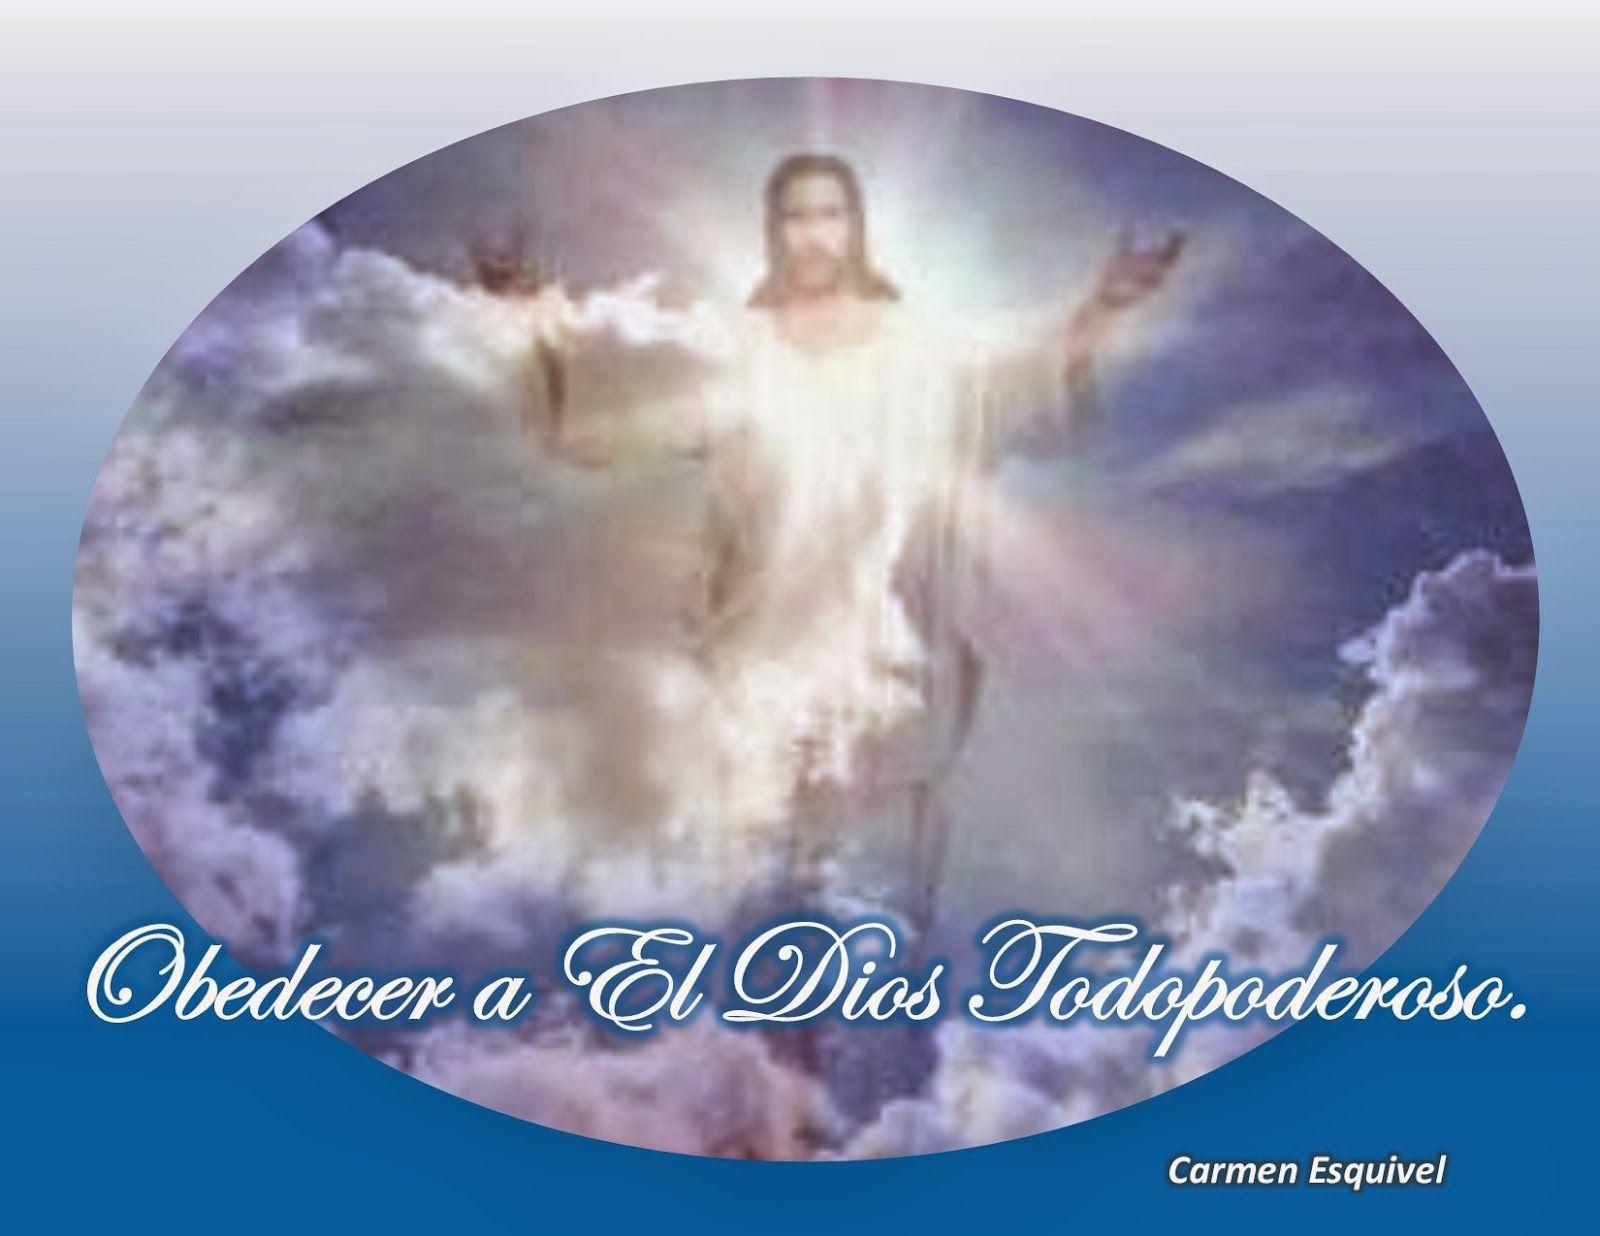 Voluntarios Reiki por Amor (Modelando la Vida con la Abuela Uba).: Obedecer a El Dios Todopoderoso.